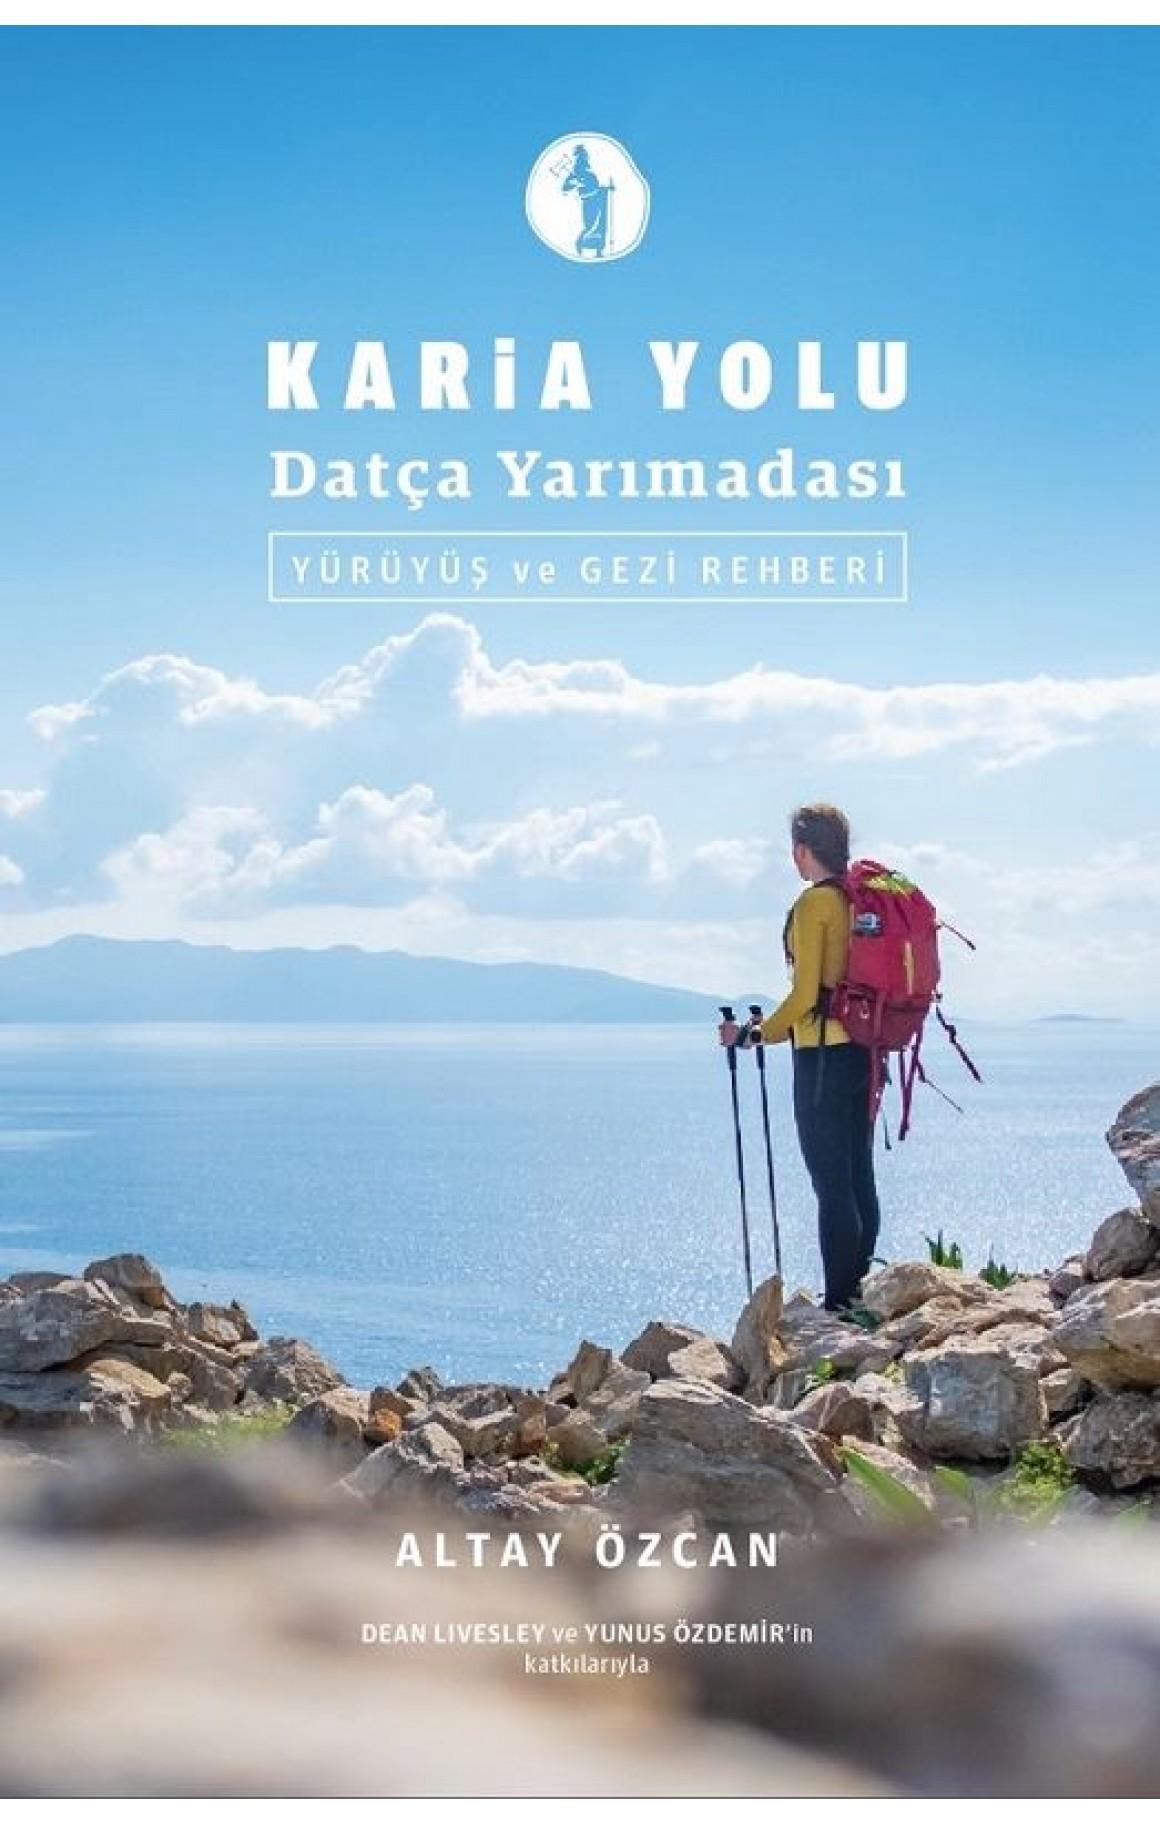 Karia Yolu Datça Yarımadası-Yürüyüş ve Gezi Rehberi